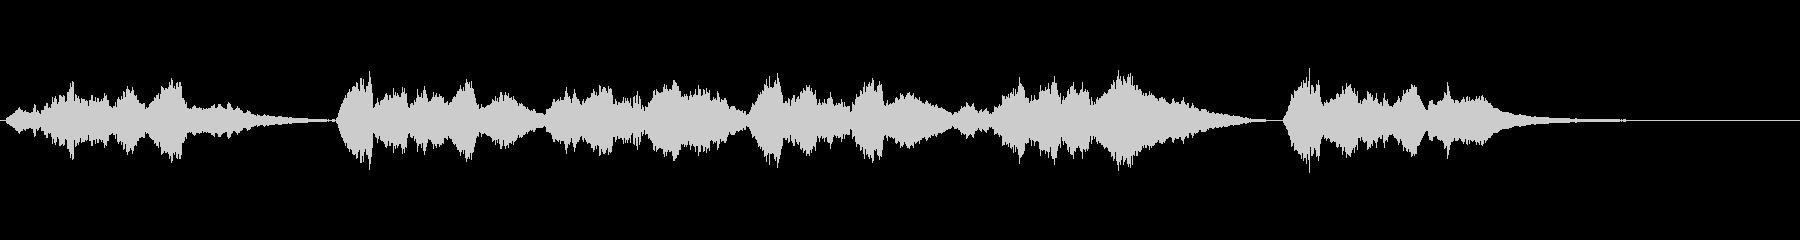 ハッピーバースデーを生演奏の弦楽四重奏での未再生の波形